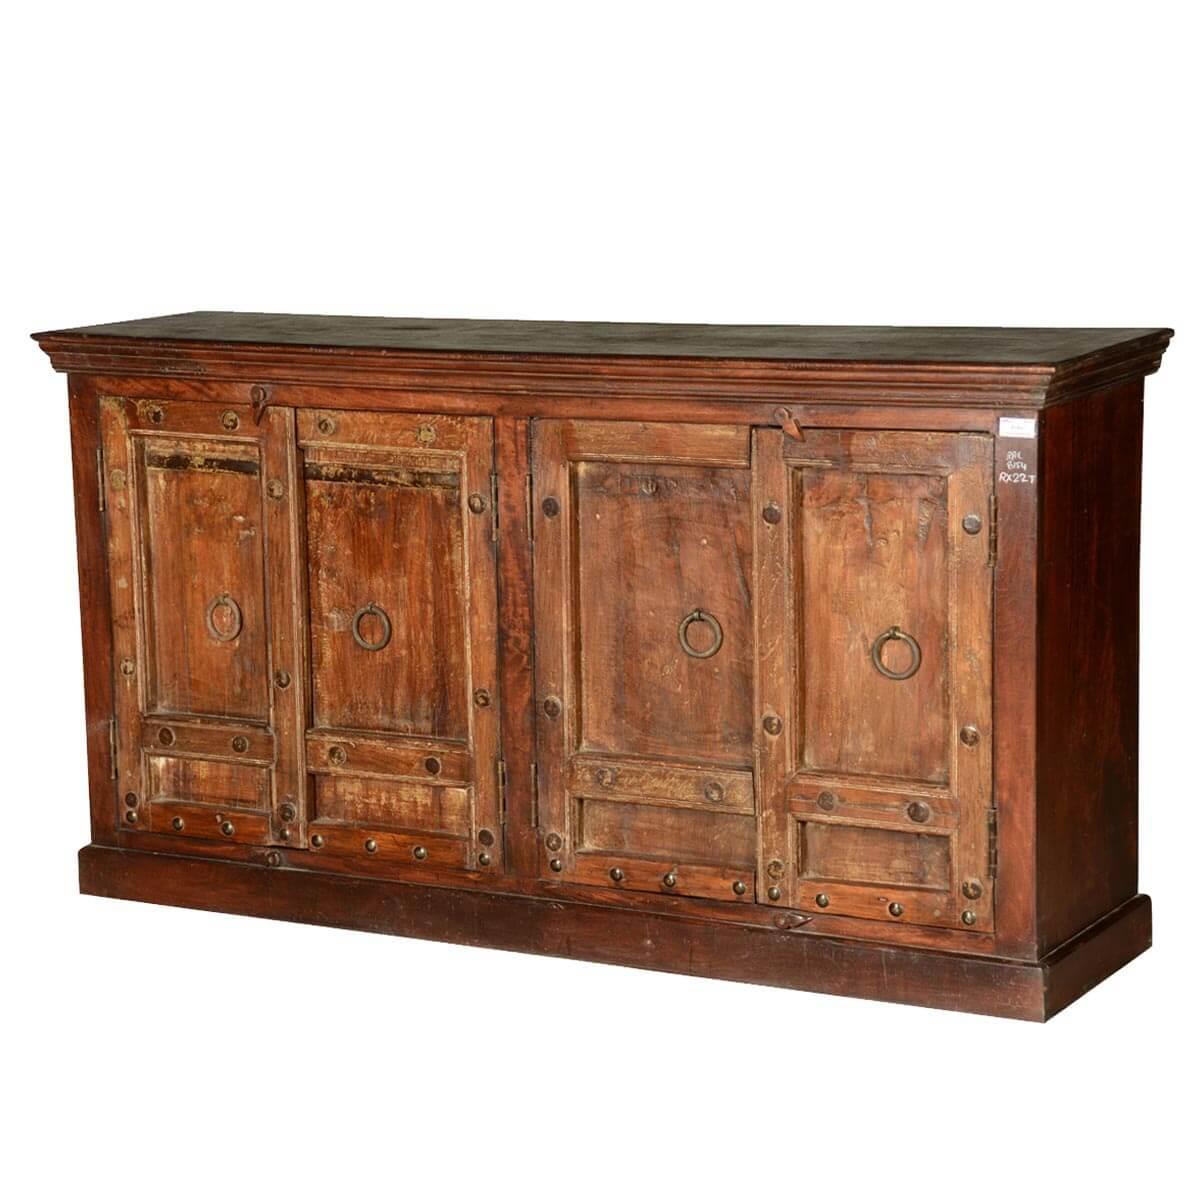 Ratley Rustic Reclaimed Wood 4 Shelf 4 Door Large Buffet Cabinet